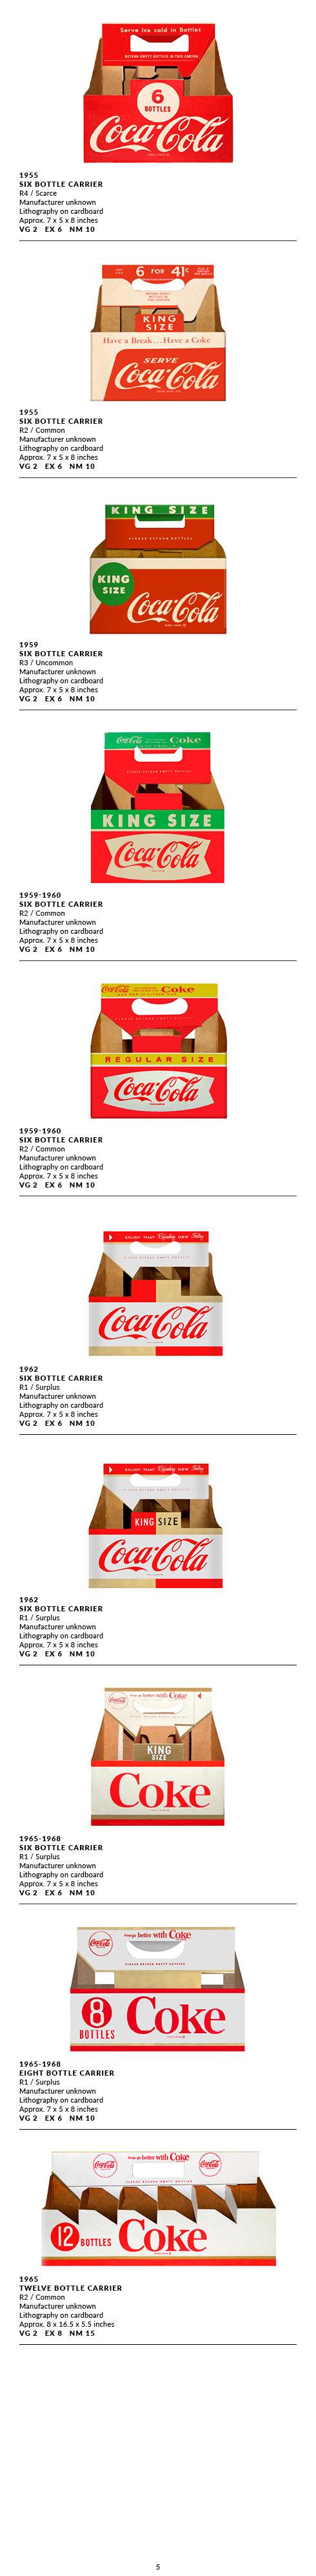 Cardboard Carriers5.jpg